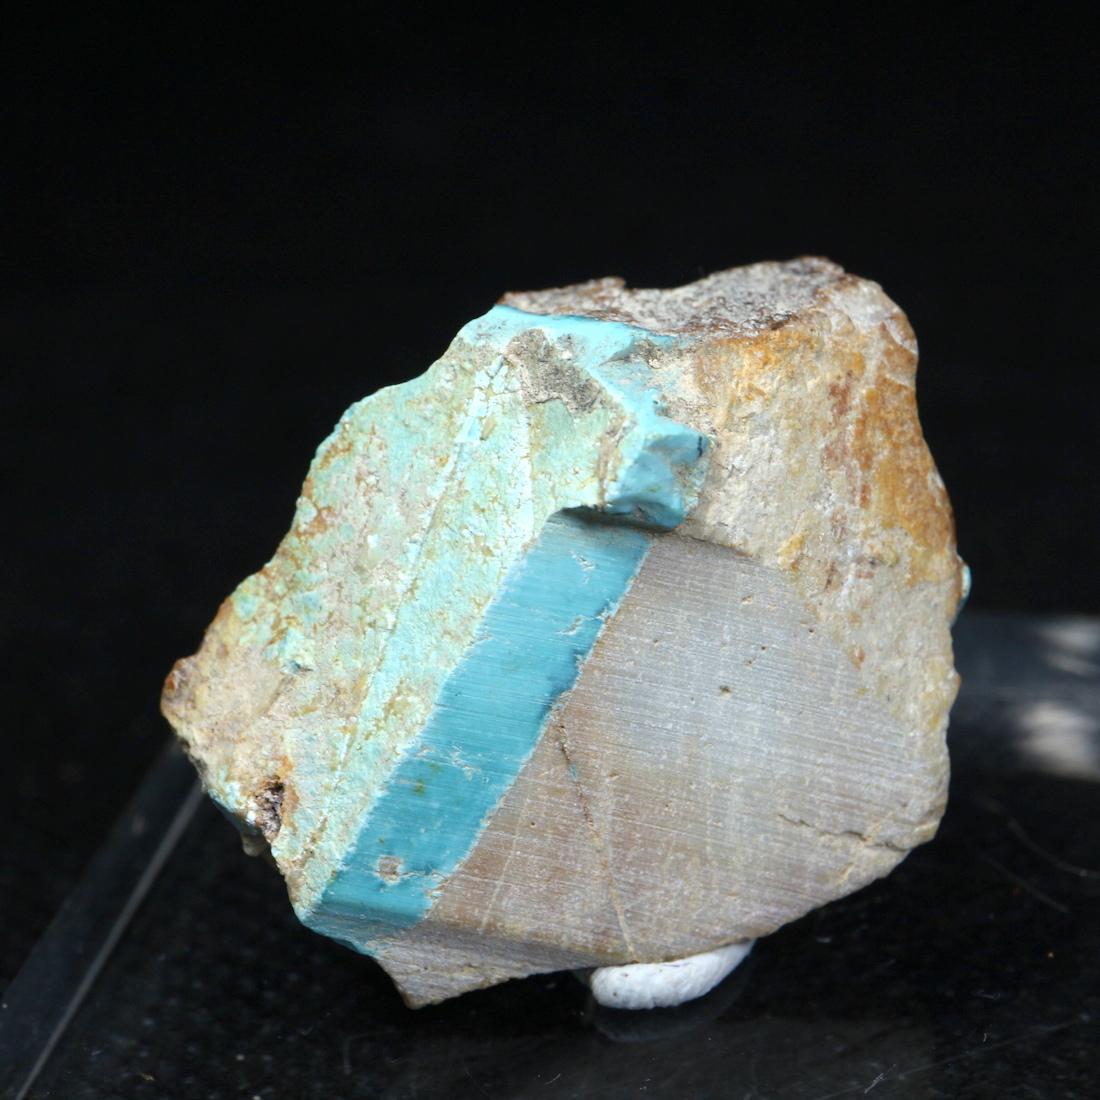 ロイストン ターコイズ トルコ石 ネバタ州産 原石 10,5g TQ149 鉱物 天然石 パワーストーン